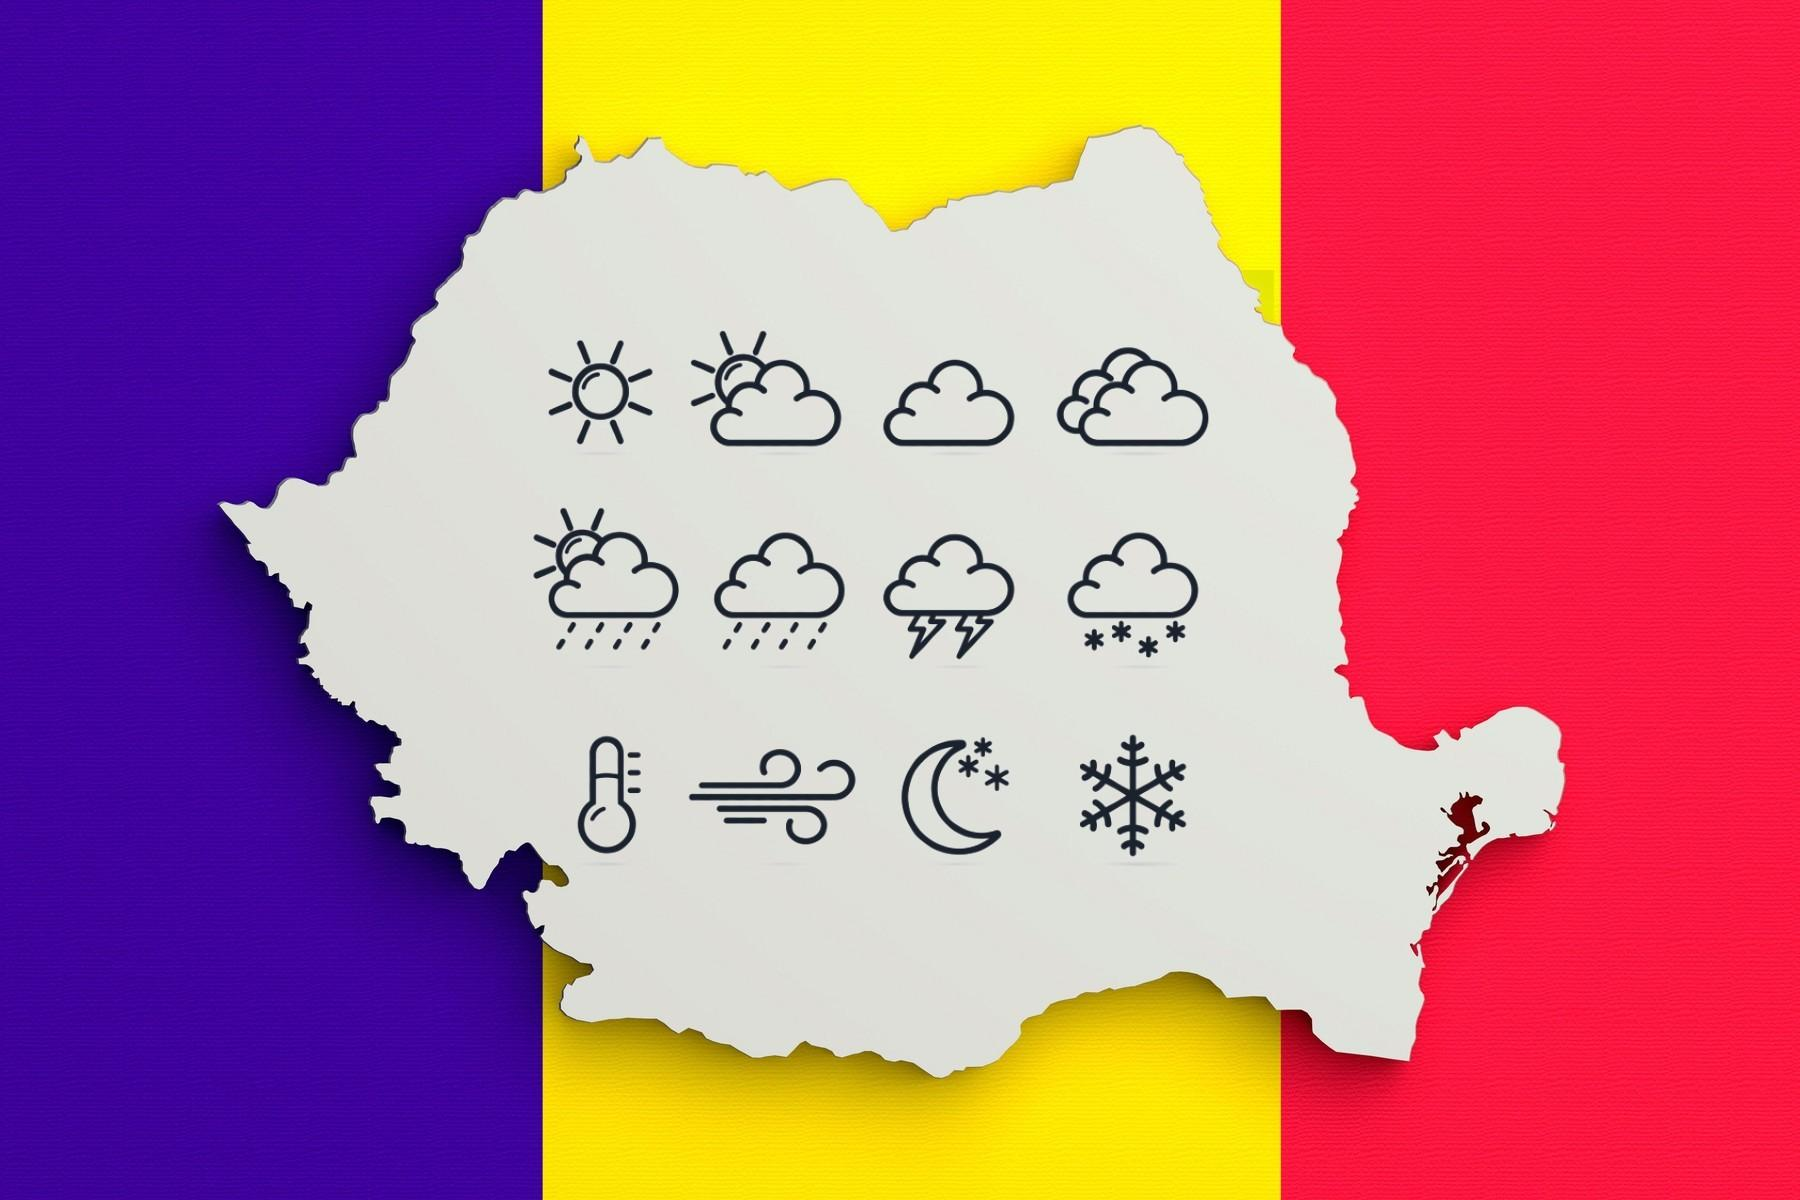 Prognoza Meteo, 15 aprilie 2021. Cum va fi vremea în România și care sunt previziunile ANM pentru astăzi